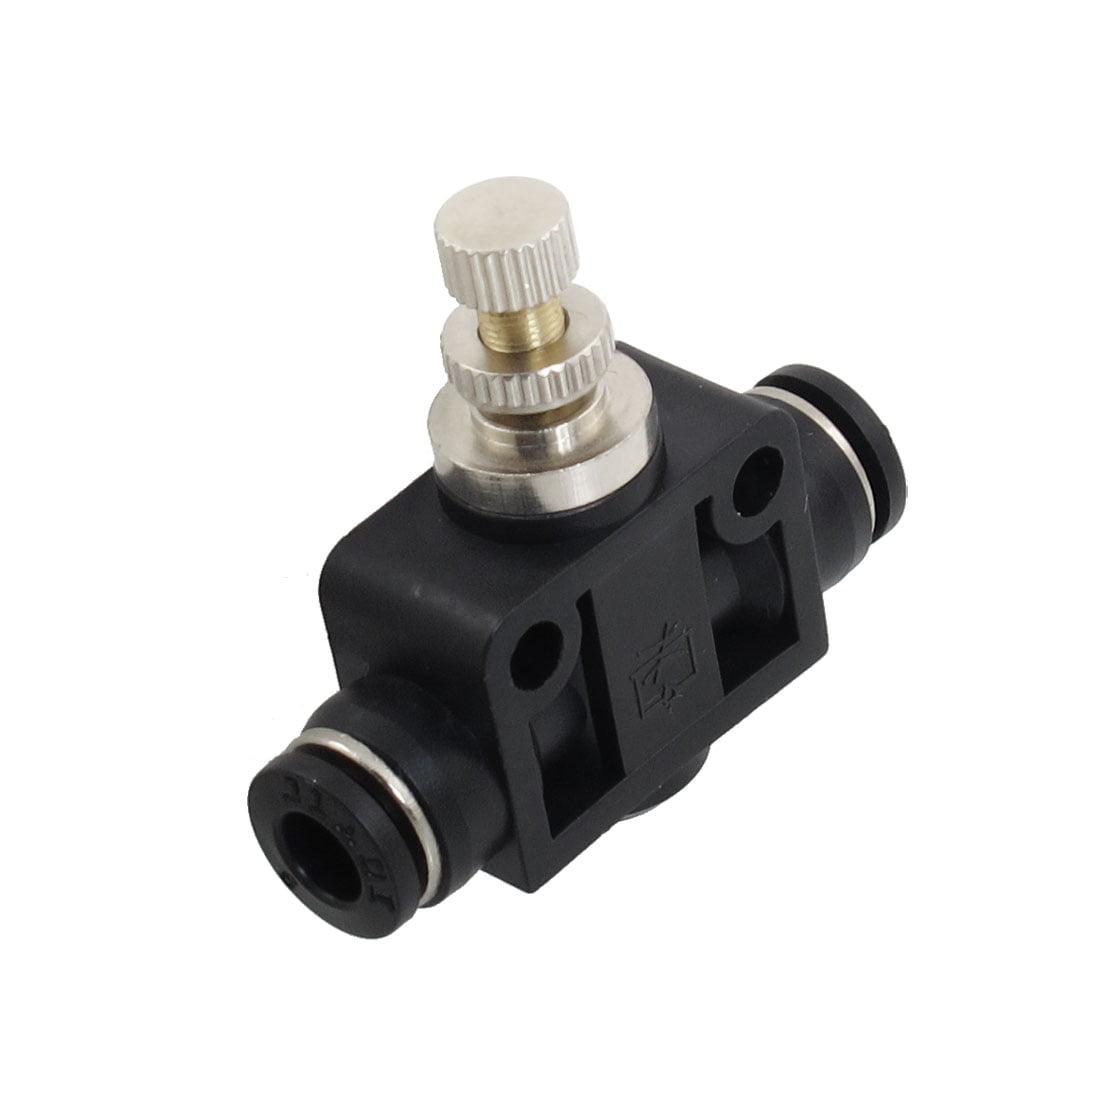 6mm pneumatique jusqu'à 6 mm un toucher connecteur raccord contr le vitesse - image 1 de 1